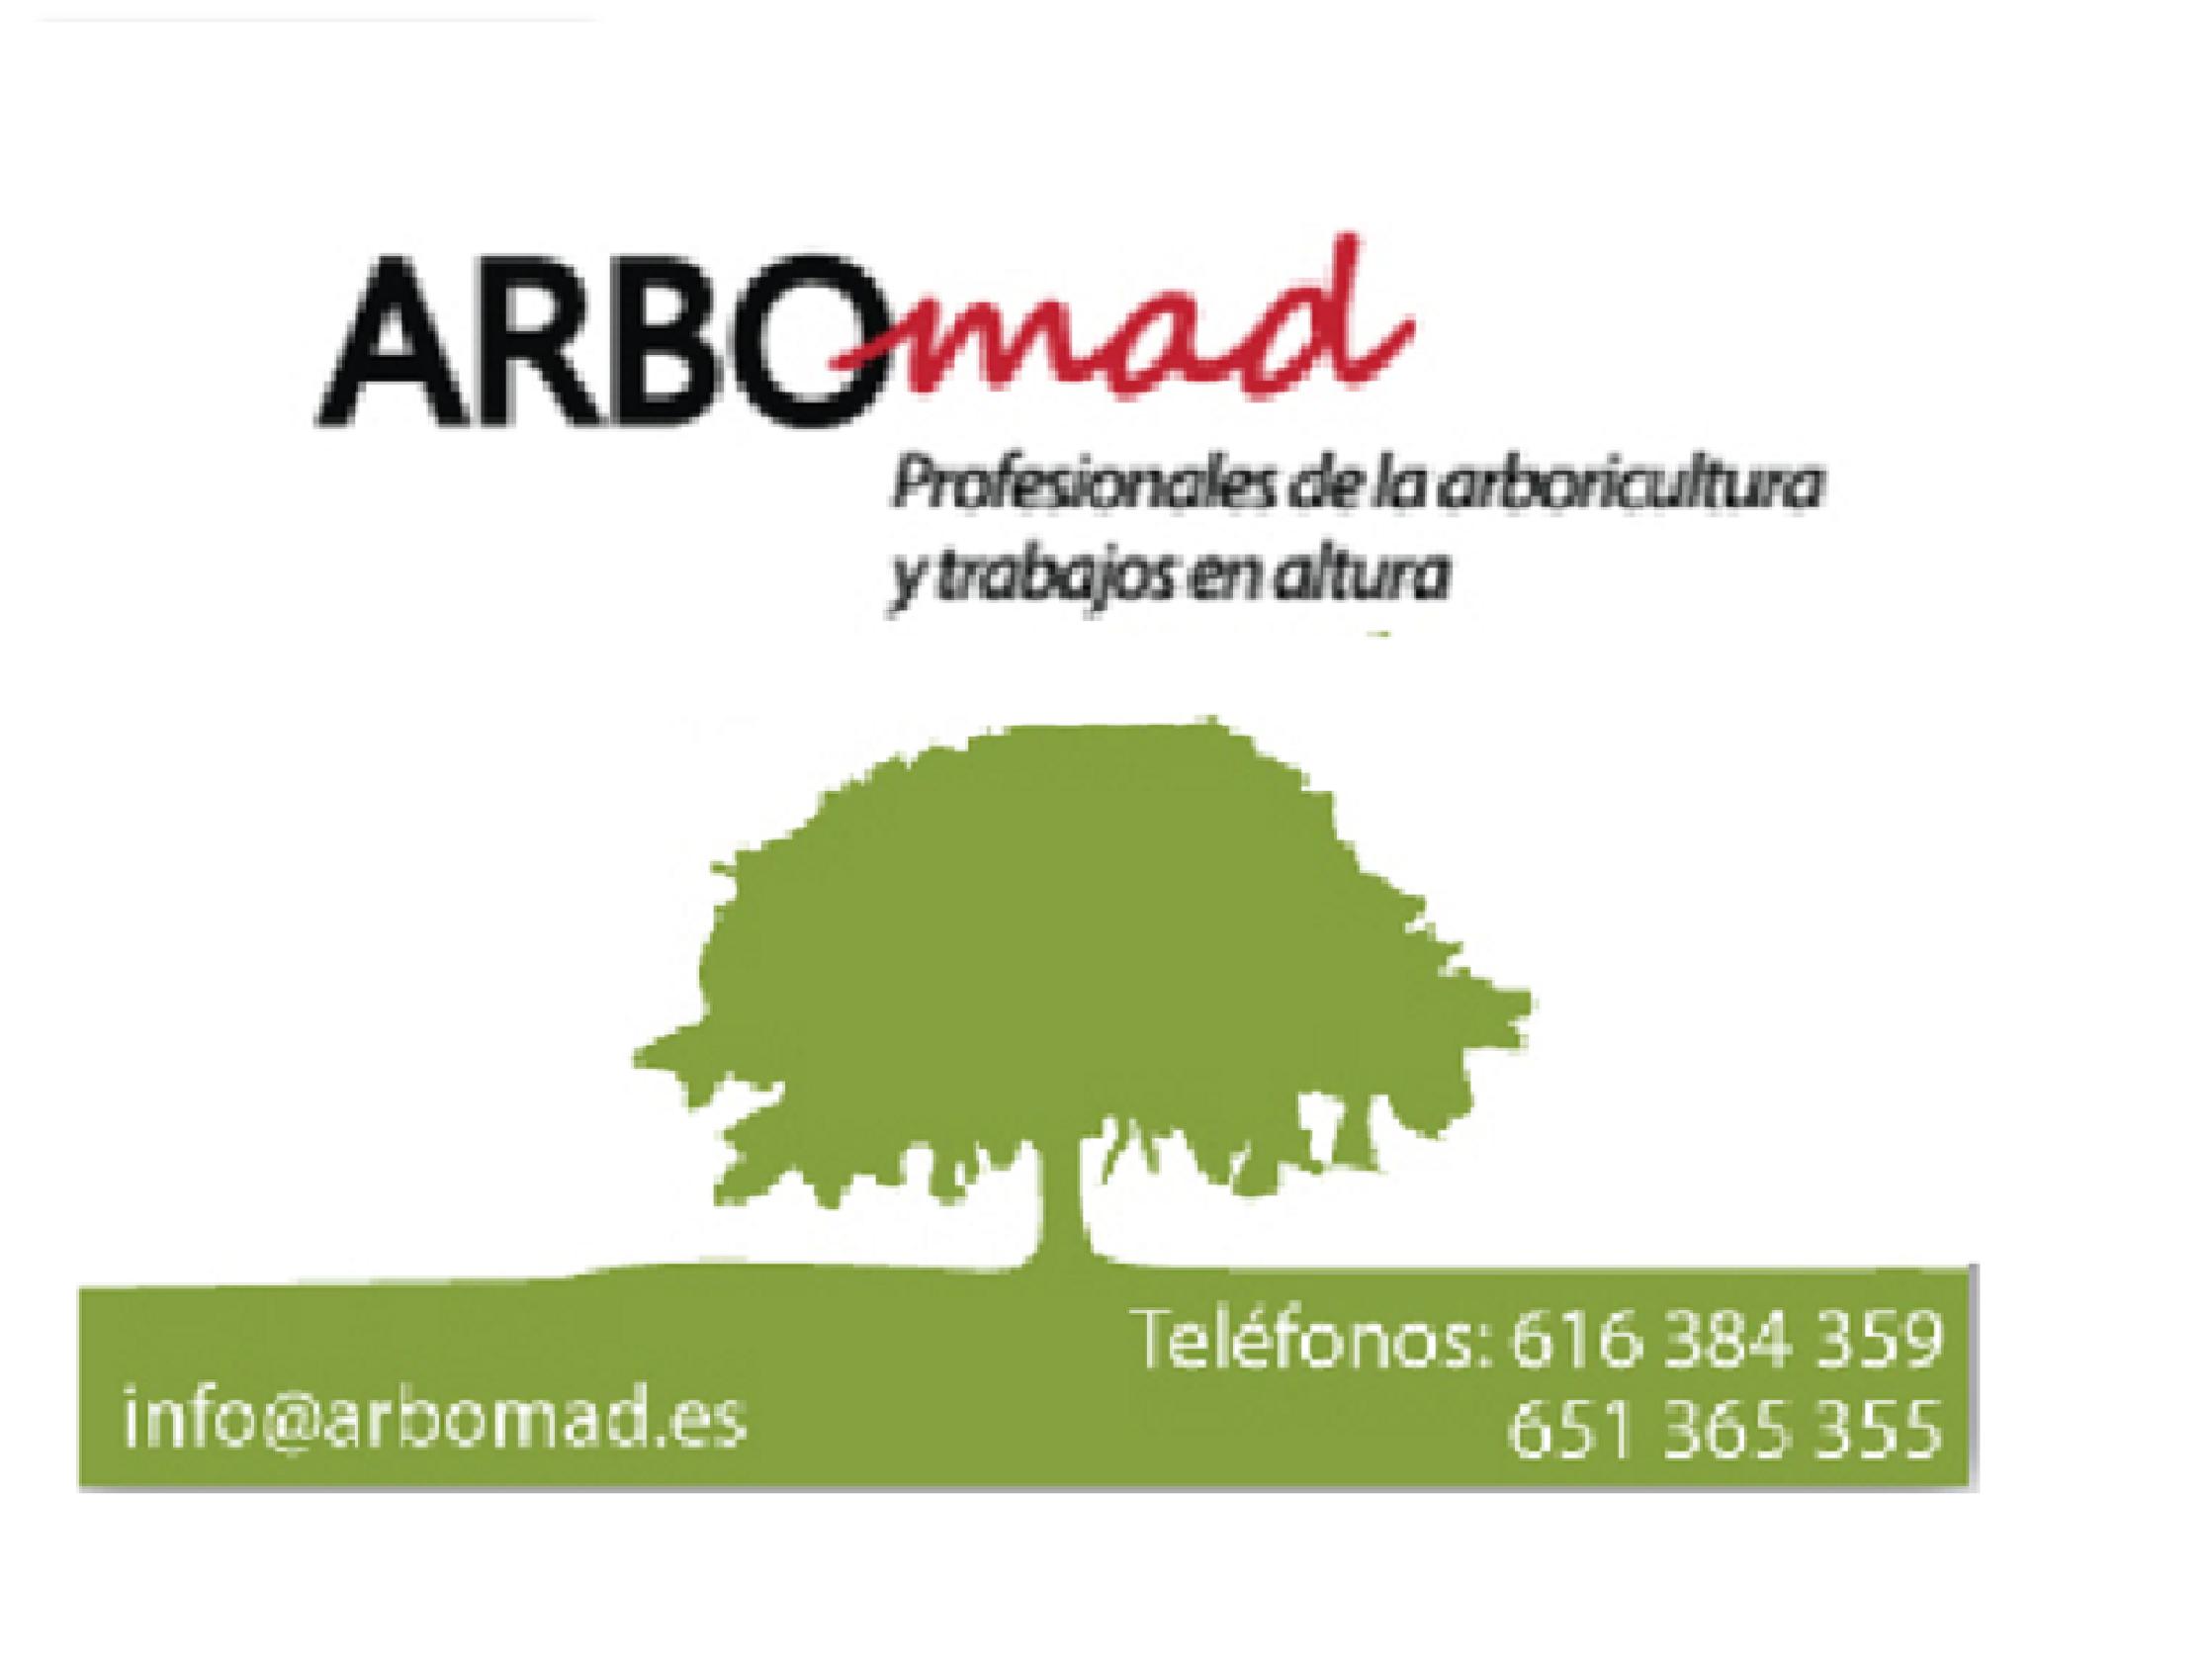 Arboricultura y Verticales Arbomad